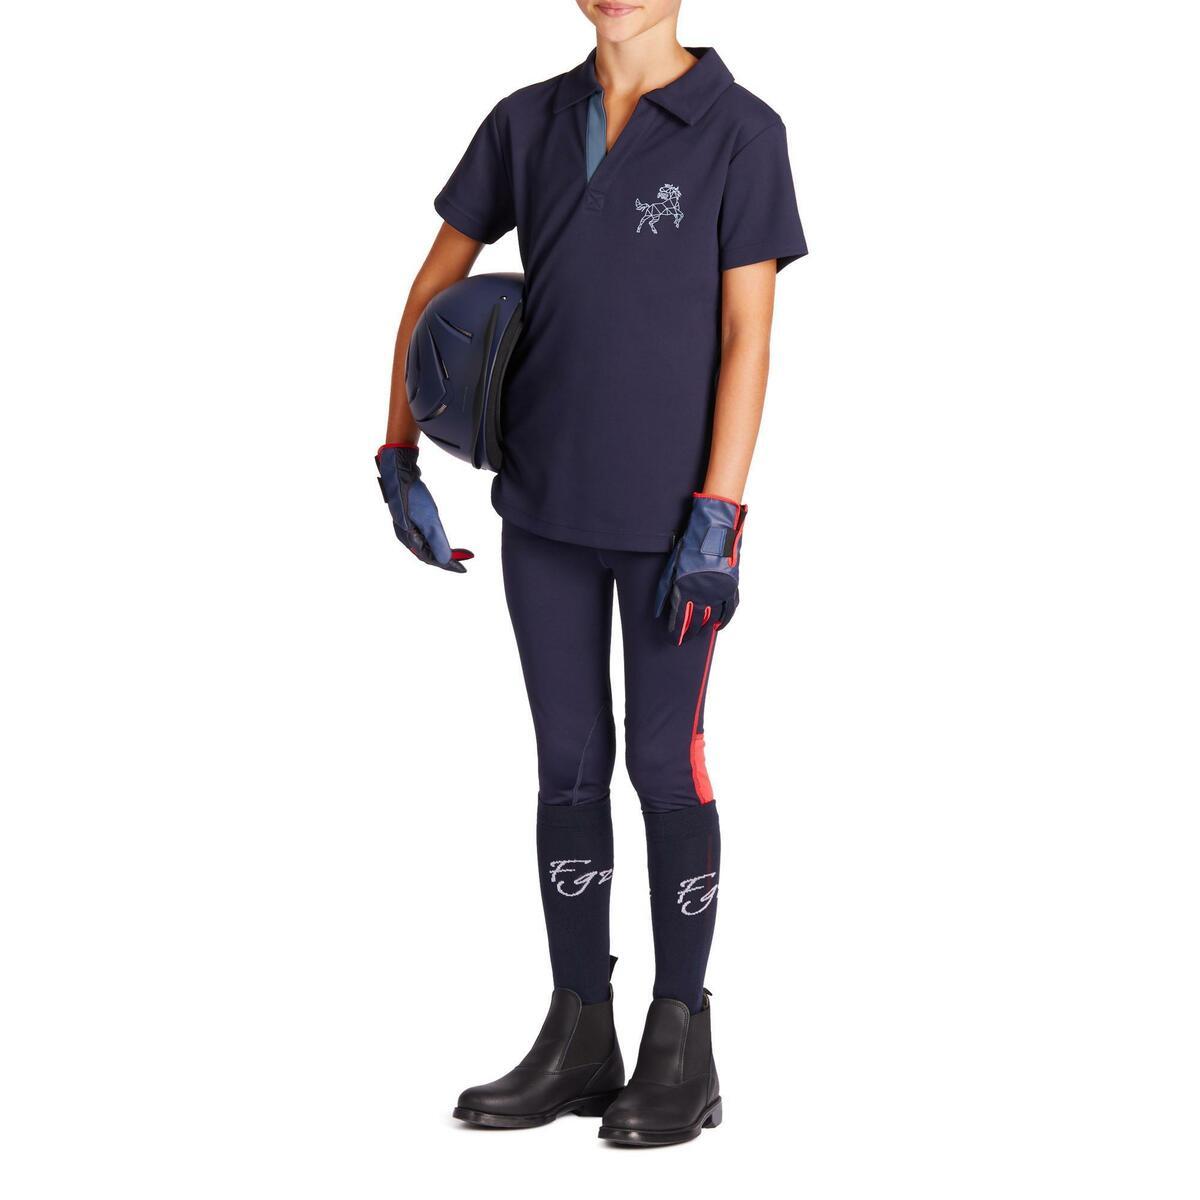 Bild 3 von Reithose 100 Light Kniebesatz Kinder marineblau/rosa